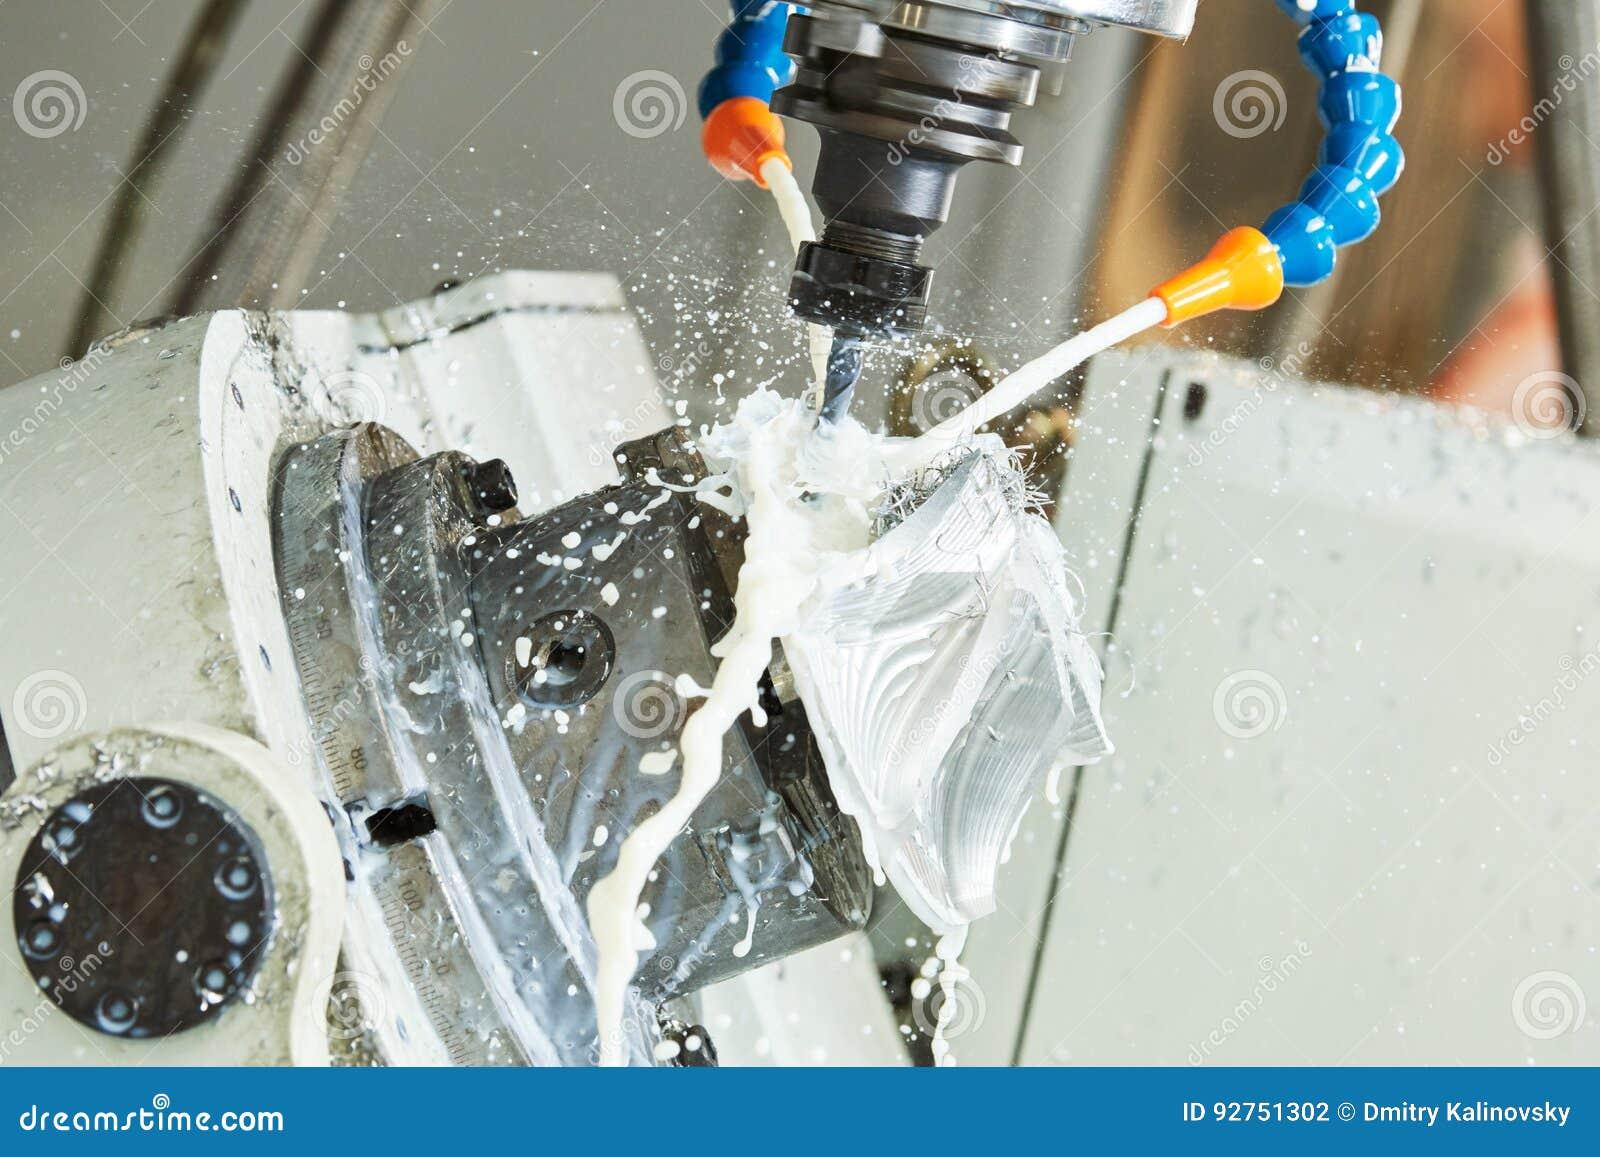 Malenmetaalbewerking CNC metaal die door verticale molen met koelmiddel machinaal bewerken